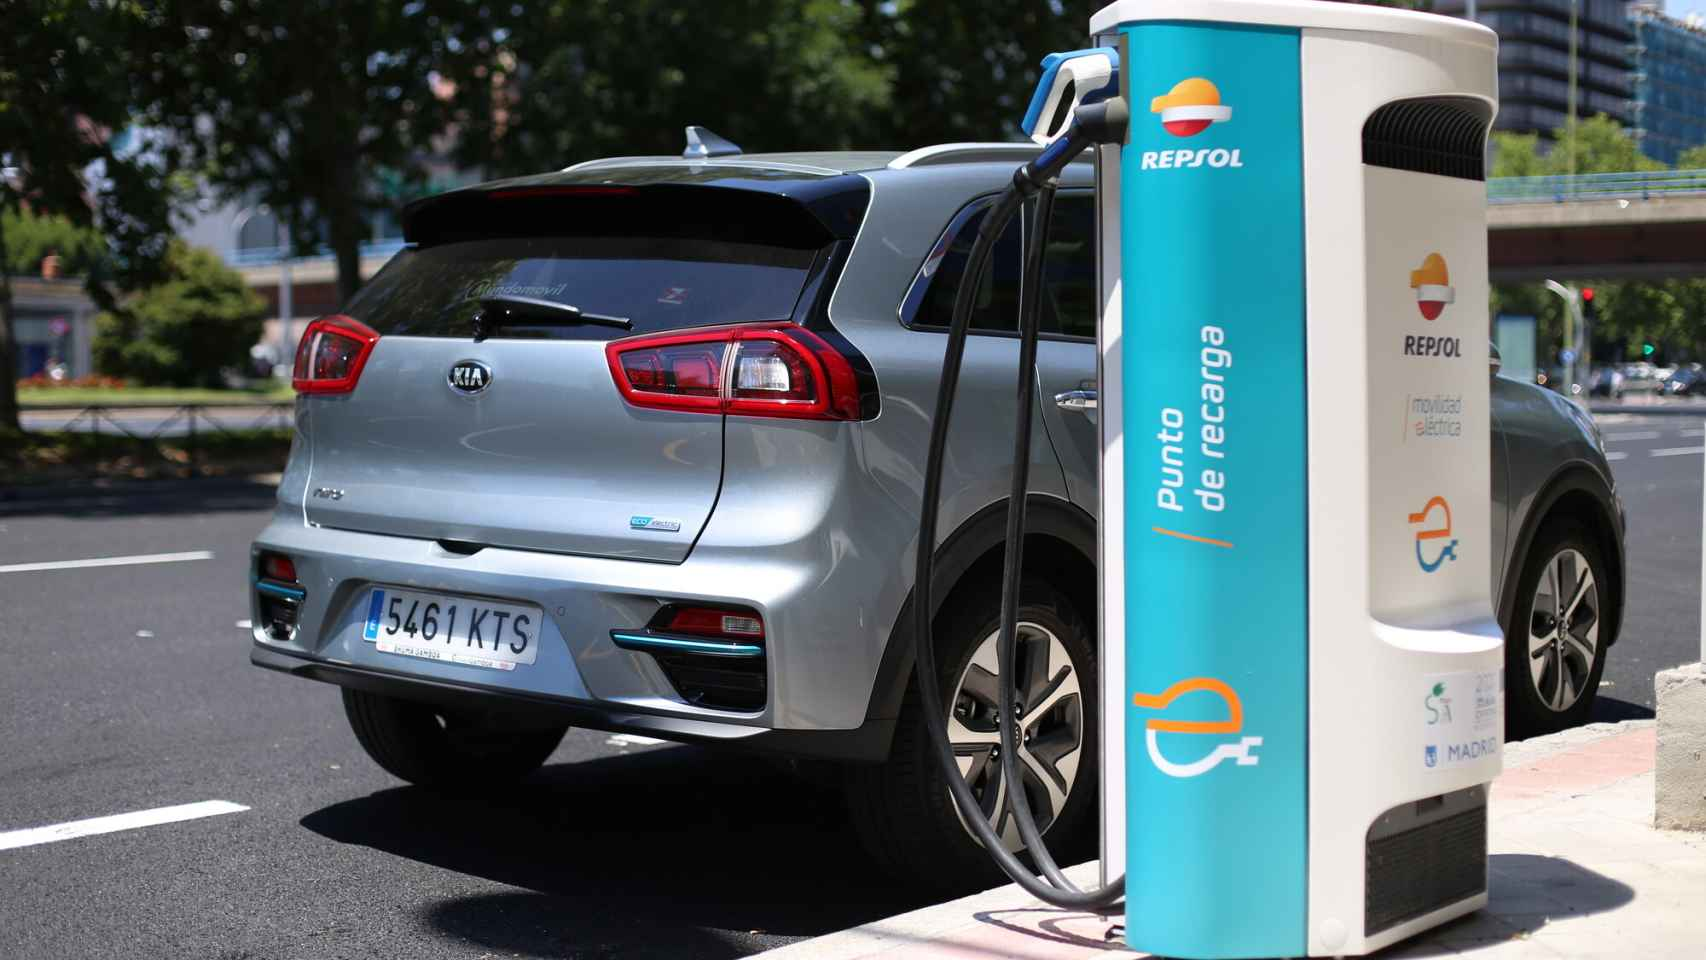 Kia y Repsol firman un acuerdo para el impulso de la movilidad eléctrica